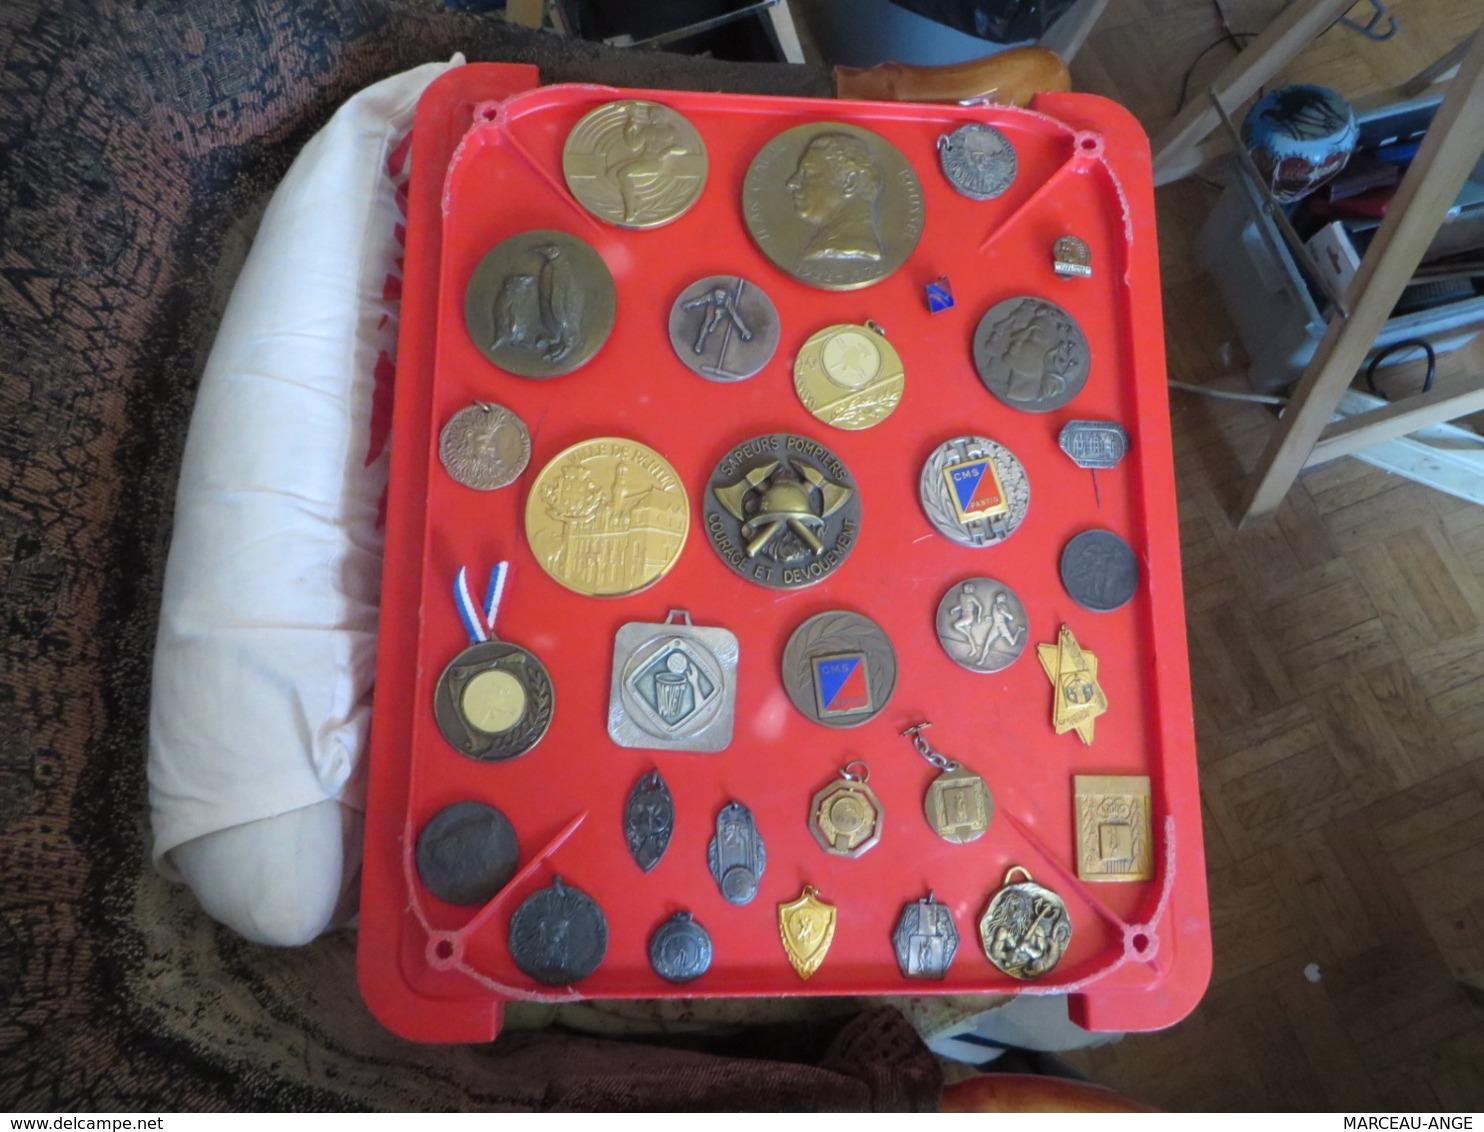 1 Lot De 31 MEDAILLES,INSIGNES,et Divers ,toutes Sont Photographiées Recto Et Verso ,poids 1 Kilo 700 Grammes - Autres